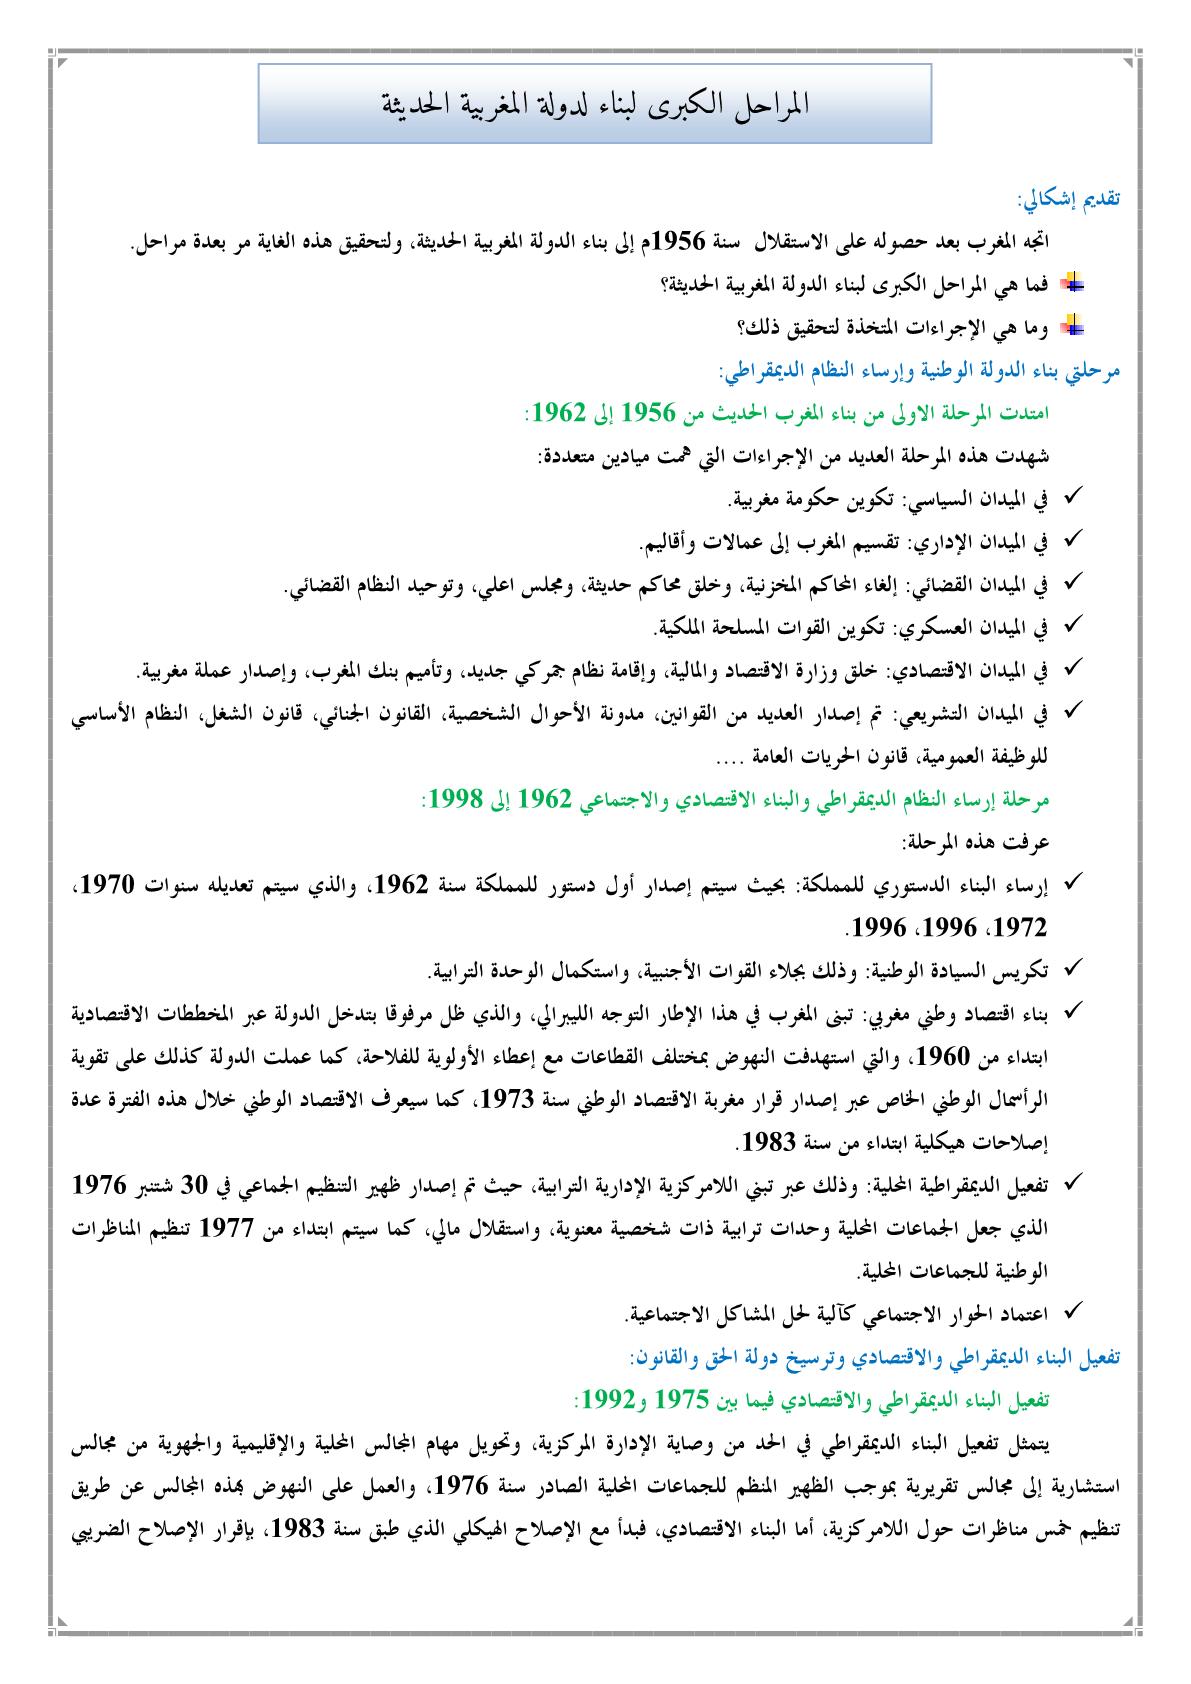 المراحل الكبرى لبناء لدولة المغربية الحديثة